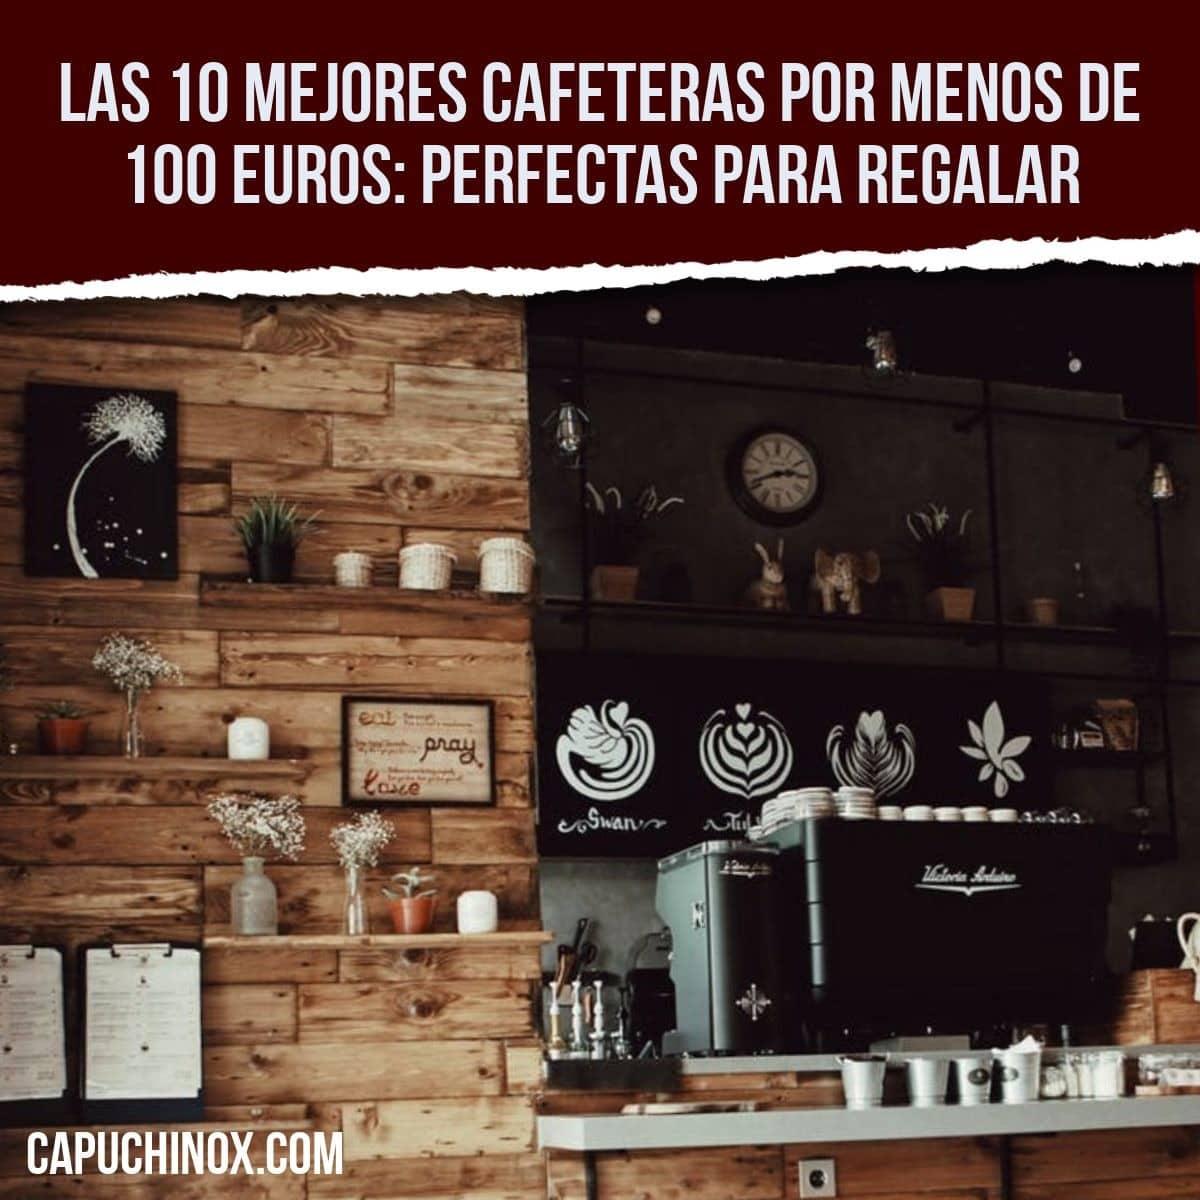 Las 10 mejores cafeteras por menos de 100 euros: el regalo perfecto